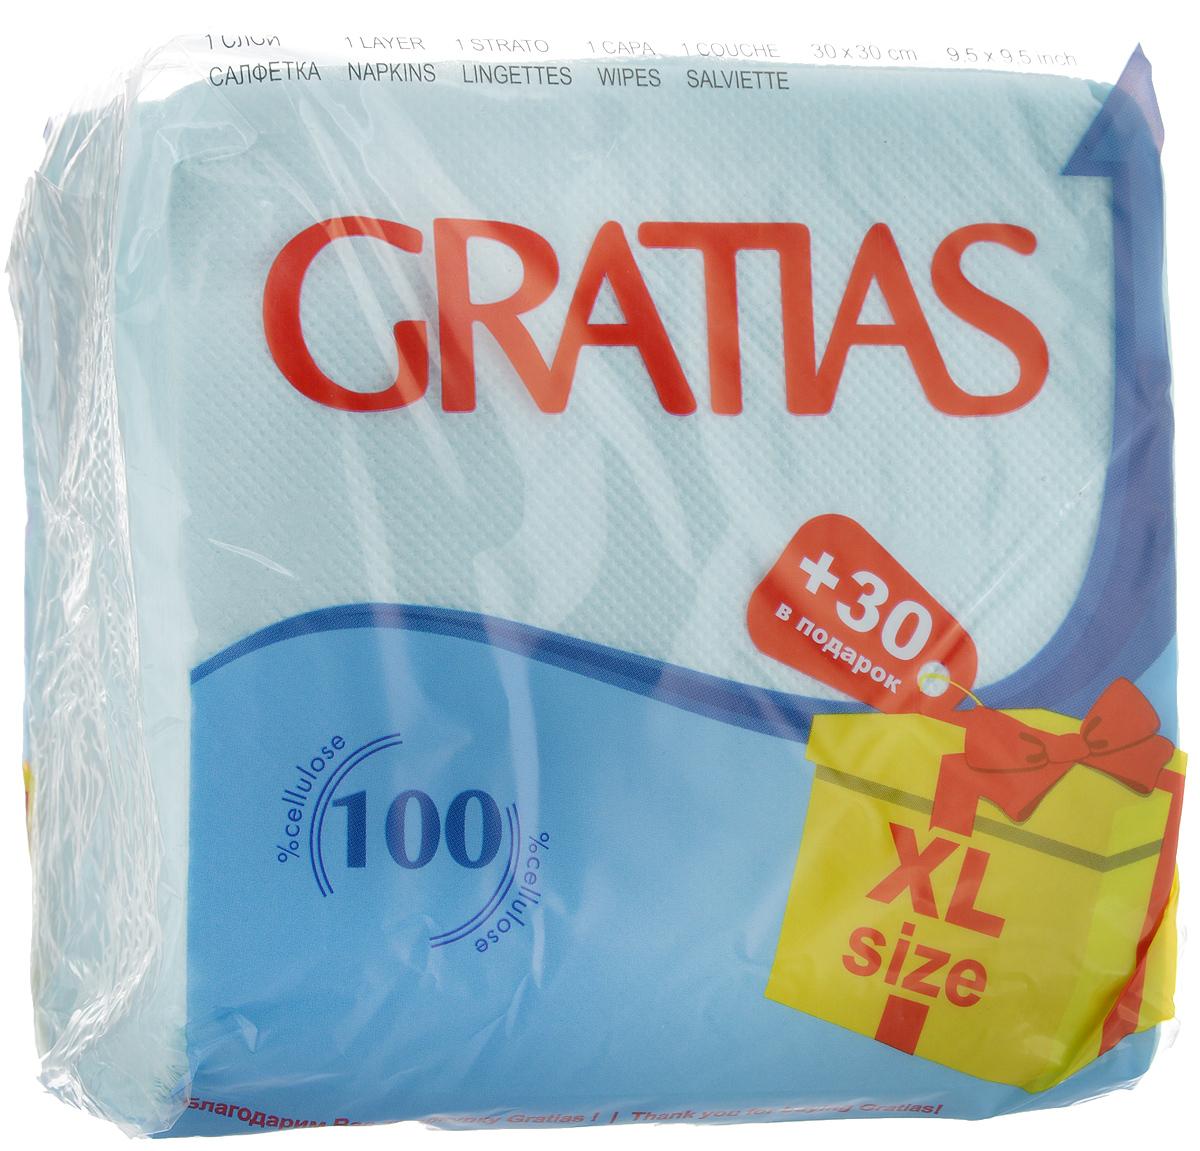 Салфетки бумажные Gratias Пастель микс, однослойные, 30 х 30 см, 120 шт салфетки бумажные familia однослойные цвет белый 24 см х 24 см 100 шт